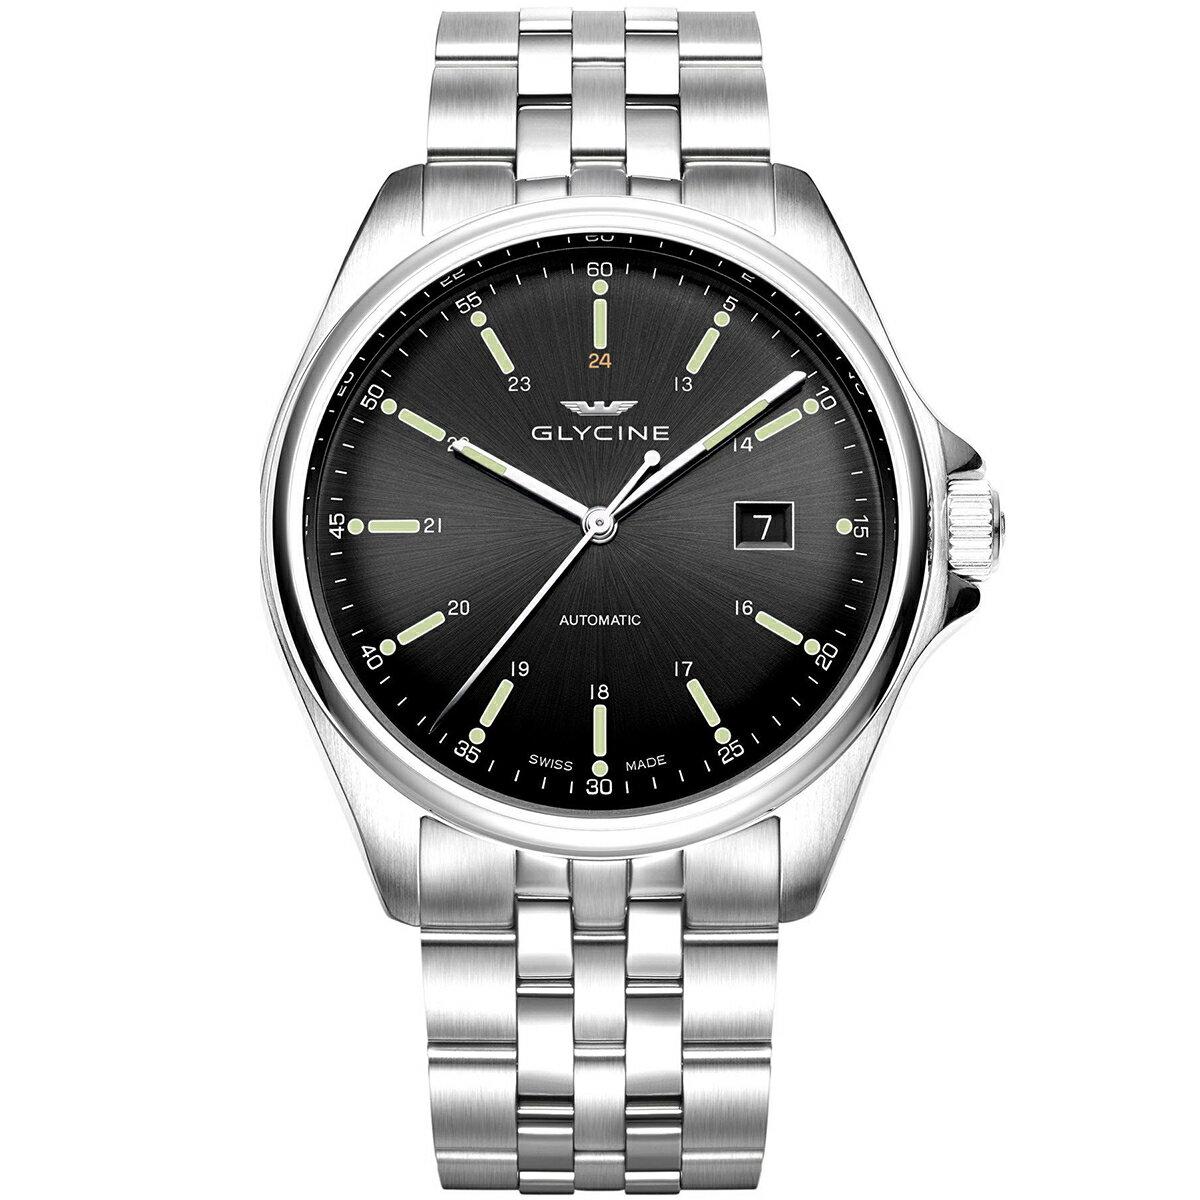 グライシン グリシン GLYCINE コンバット6 クラシック COMBAT 6 CLASSIC 43 GL0101 メンズ 時計 腕時計 自動巻き オートマチック スイス製 スイスメイド パイロット